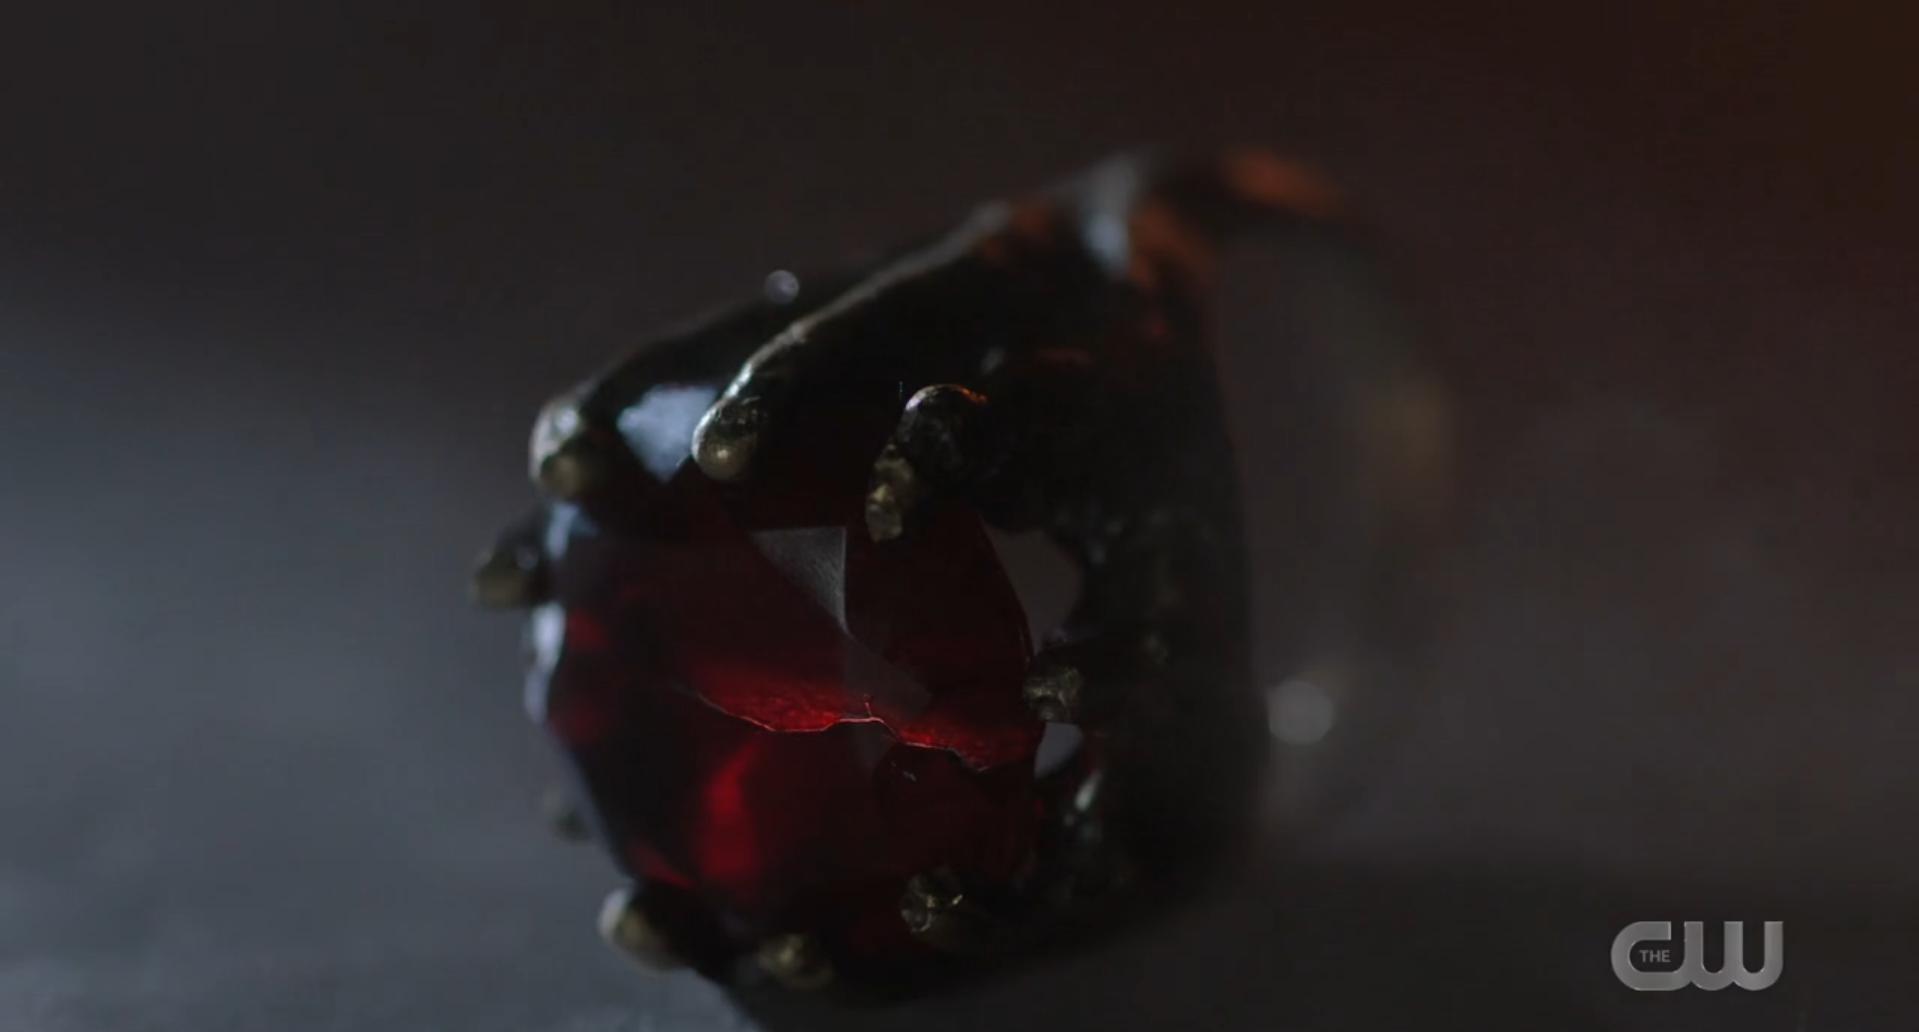 перстень бабы яги